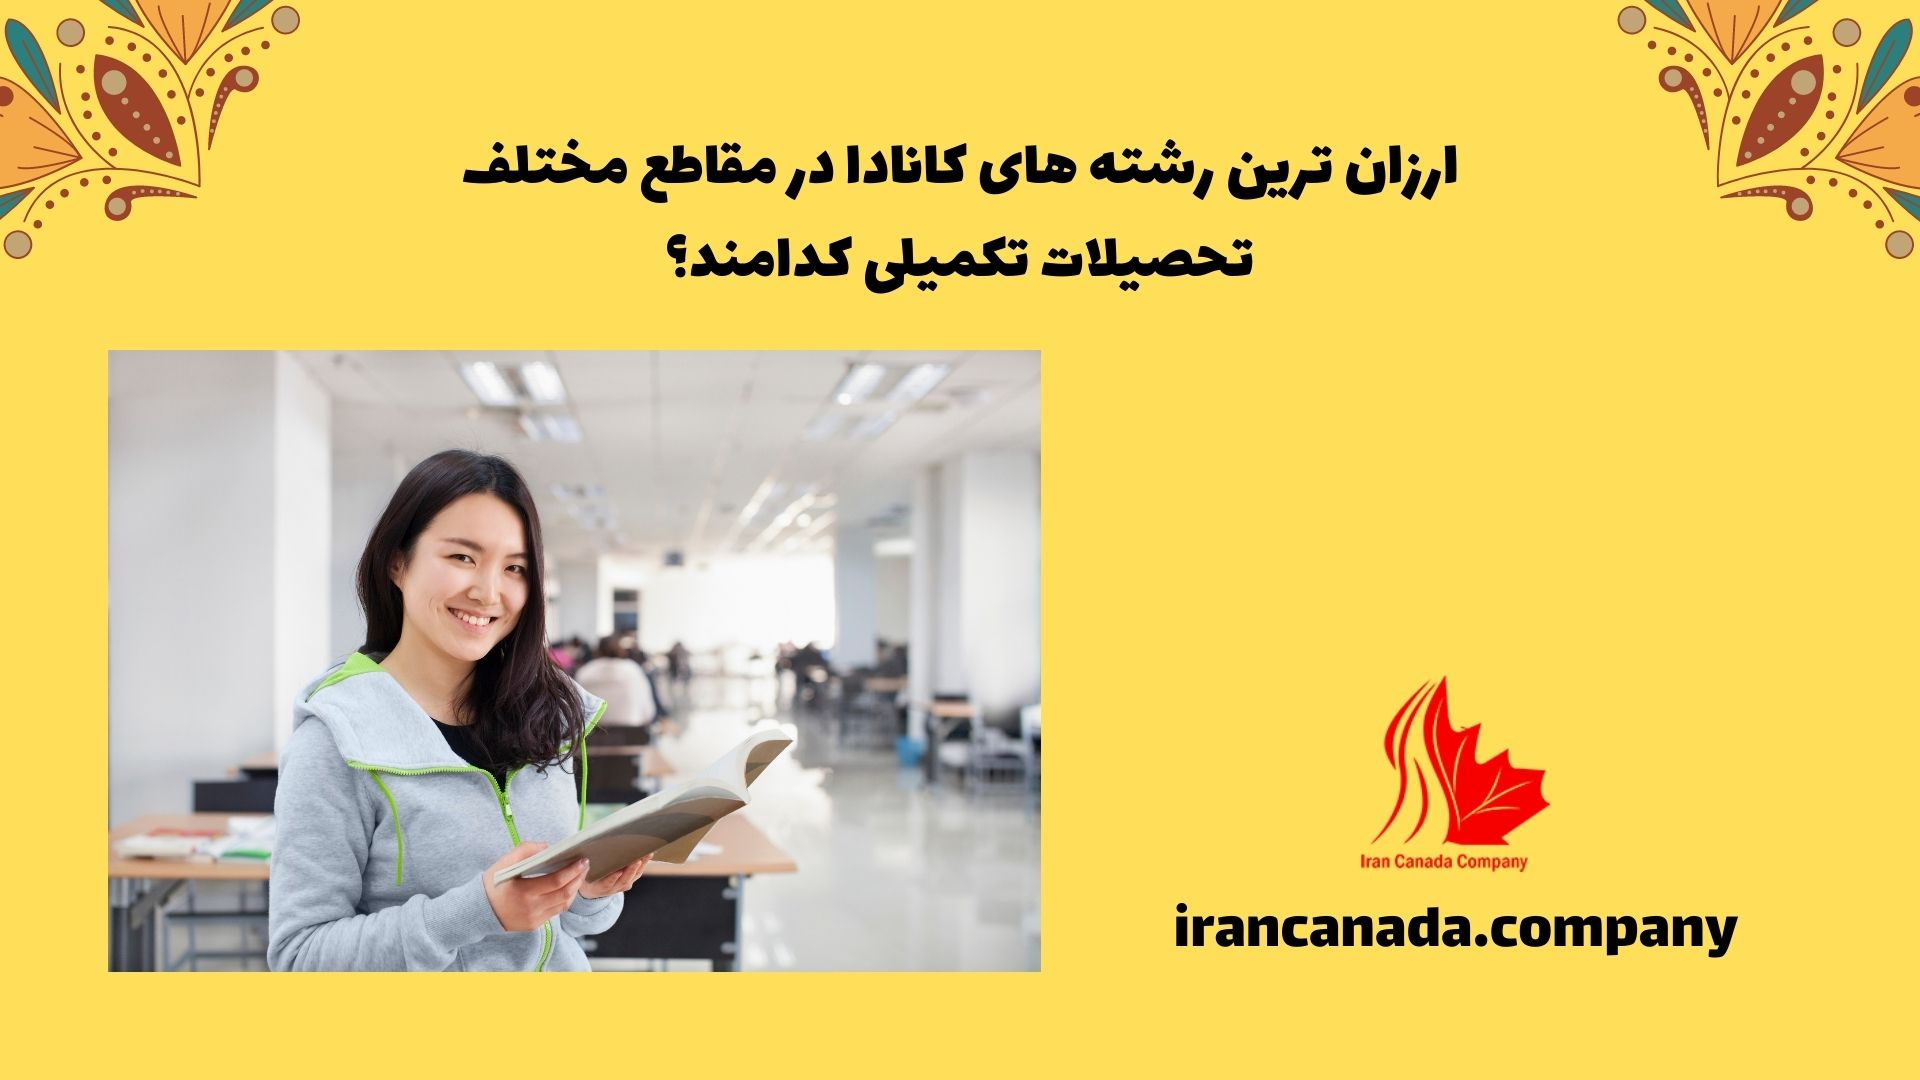 ارزان ترین رشته های کانادا در مقاطع مختلف تحصیلات تکمیلی کدامند؟